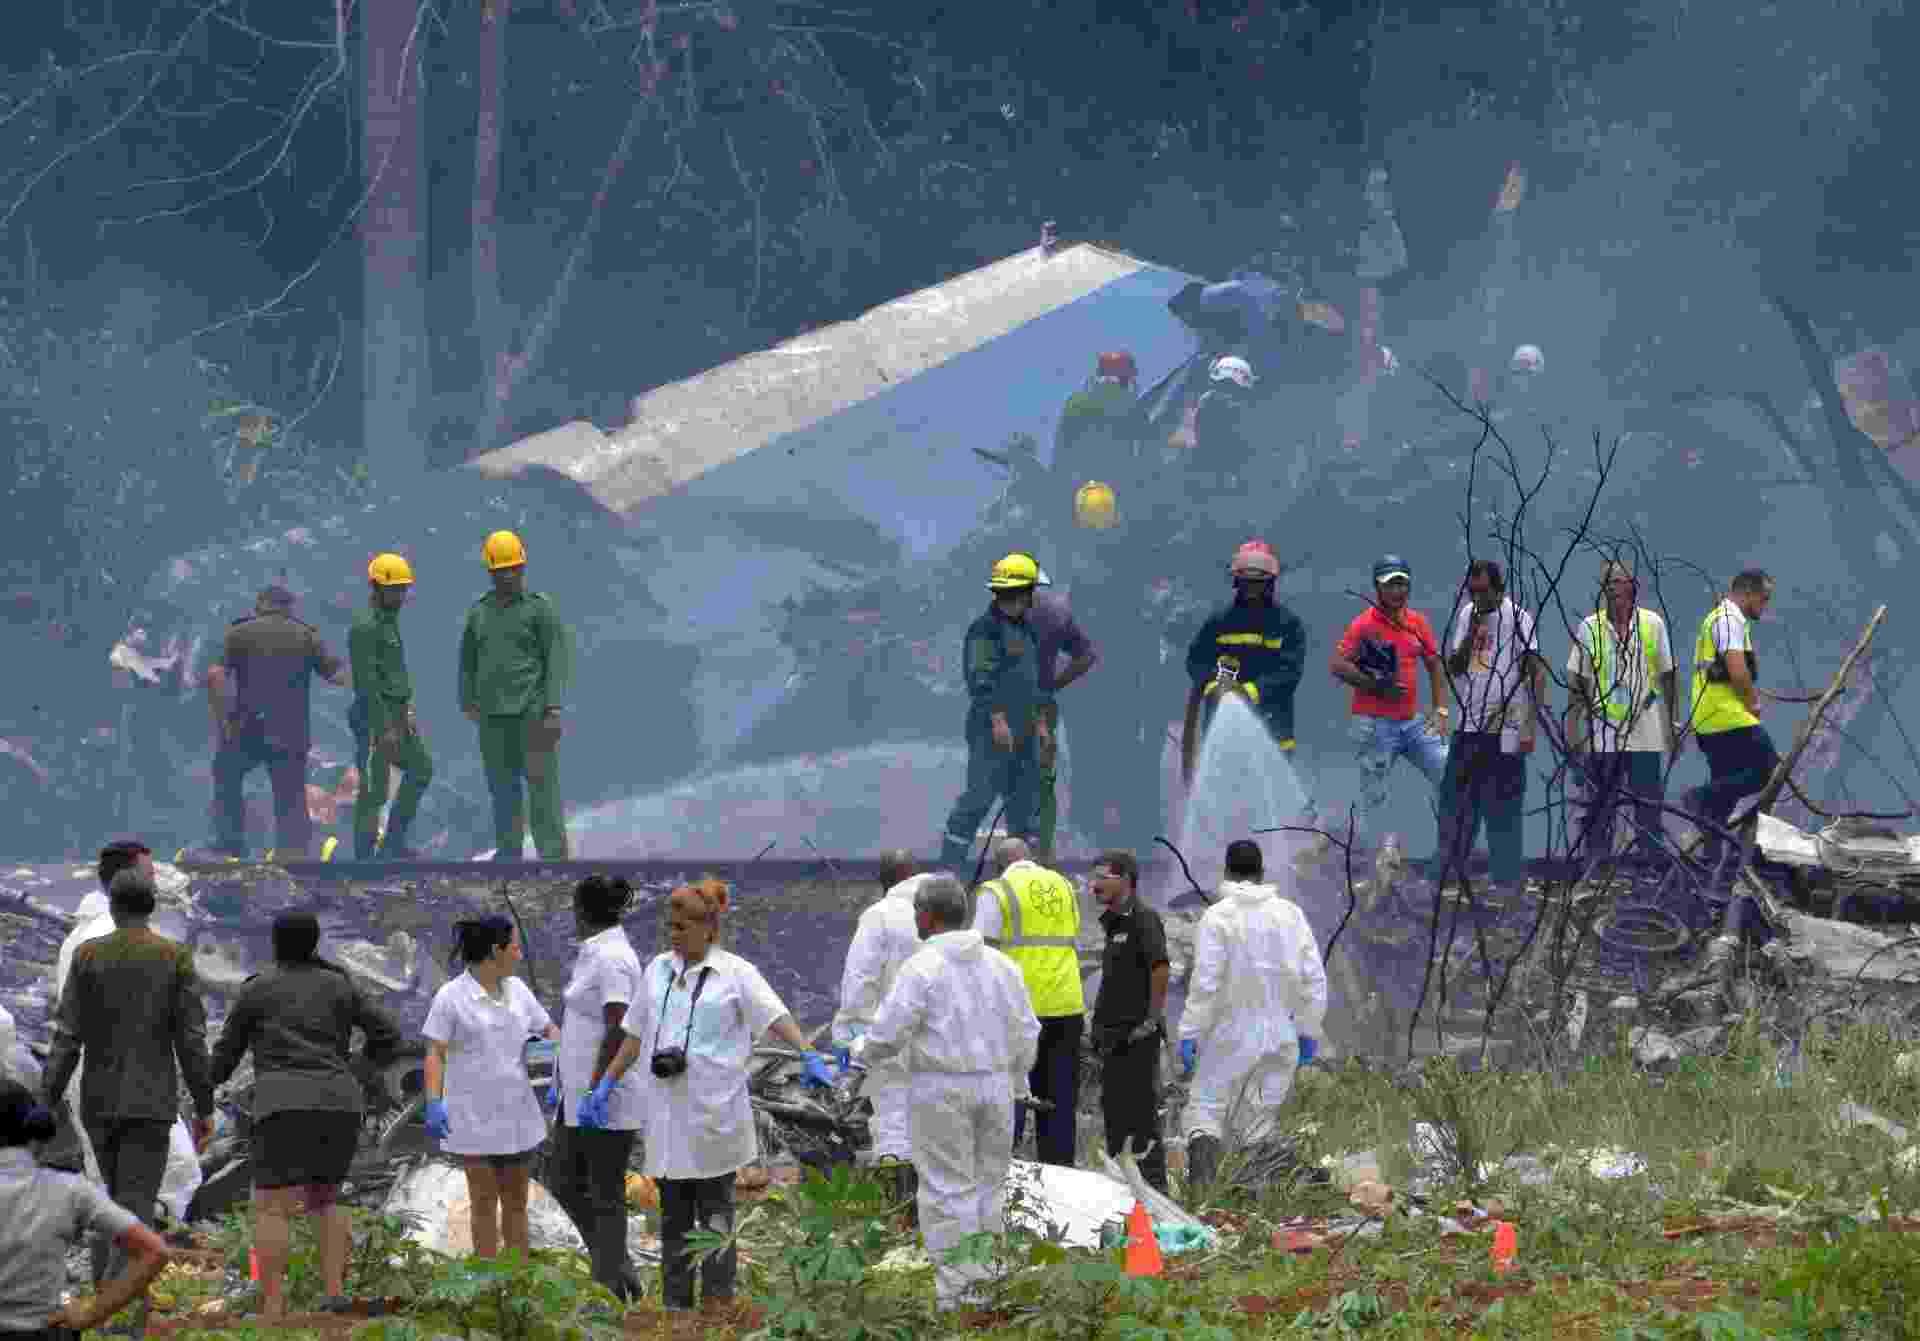 18.mai.2018 - Um Boeing-737 caiu em Cuba pouco tempo depois de decolar do Aeroporto Internacional José Martí, nos arredores de Havana - Adalberto Roque/AFP